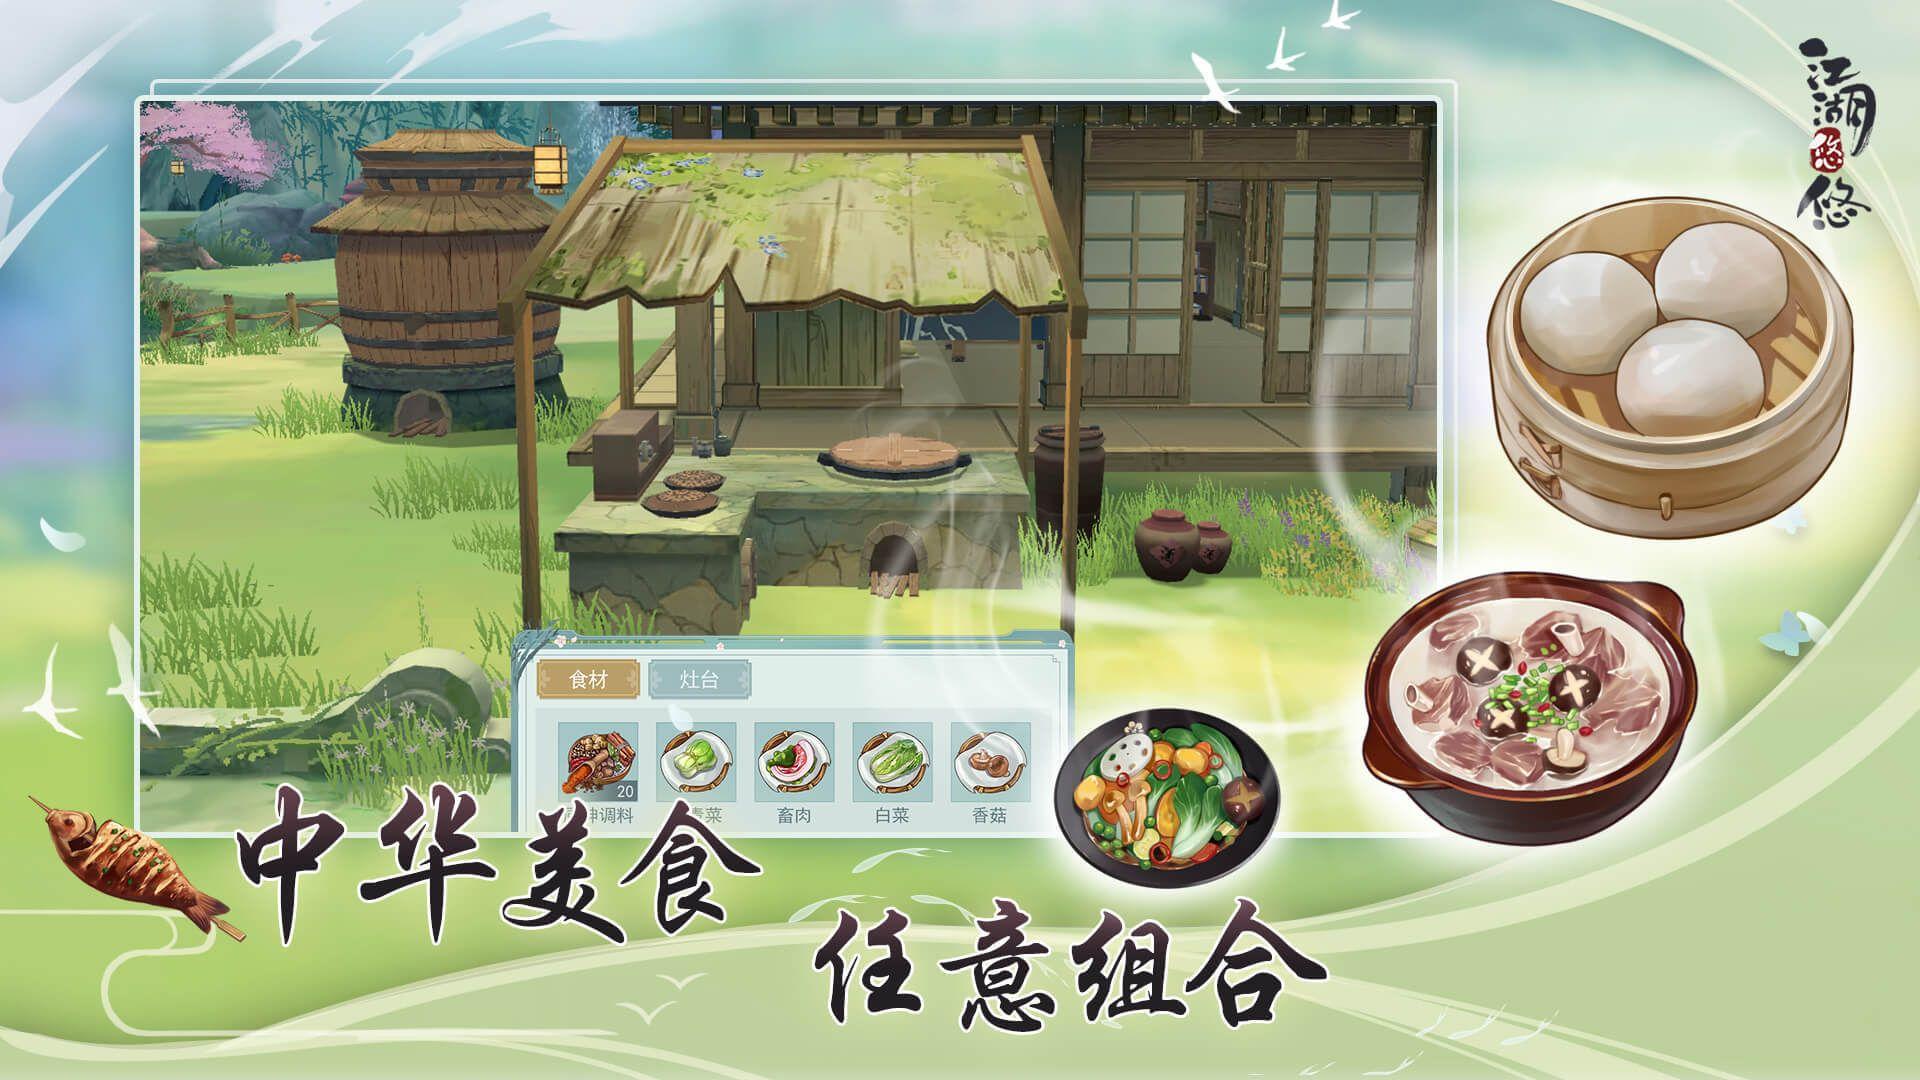 江湖悠悠最新攻略2021:新手玩法技巧大全[多图]图片3